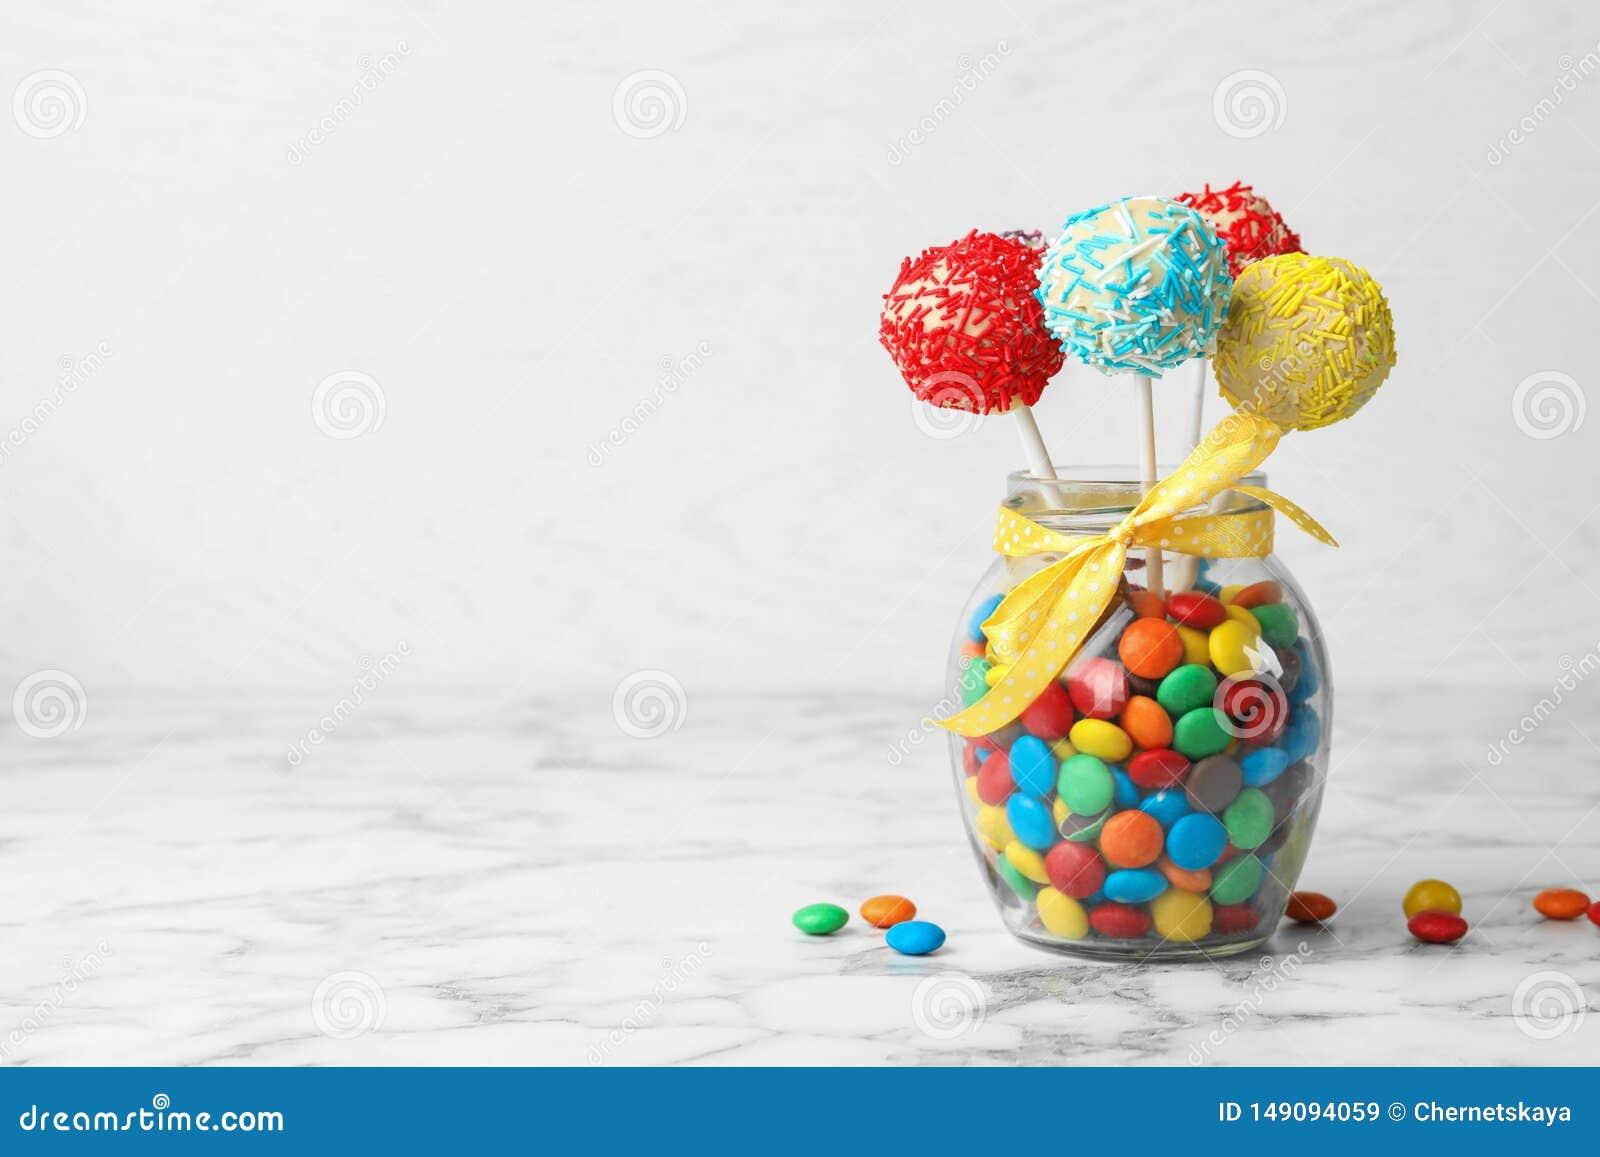 美味的明亮的蛋糕在玻璃瓶子充分流行在桌上的糖果